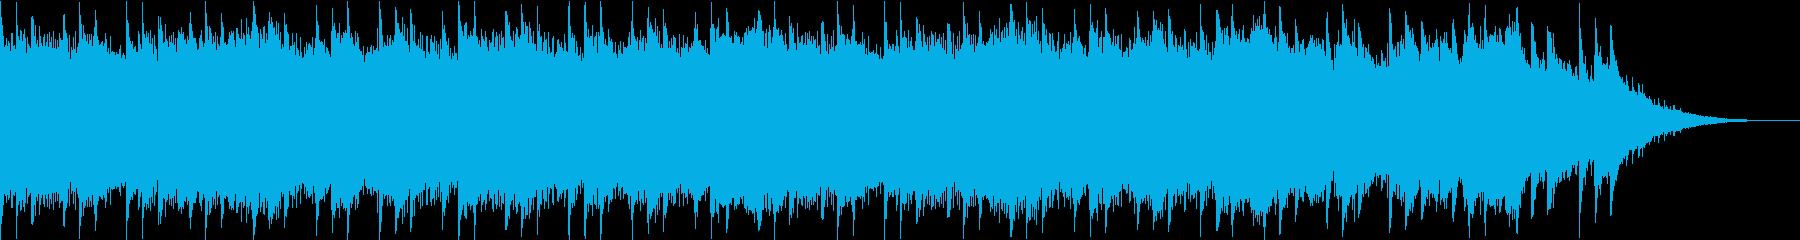 美しい・切ない映像やCMにの再生済みの波形